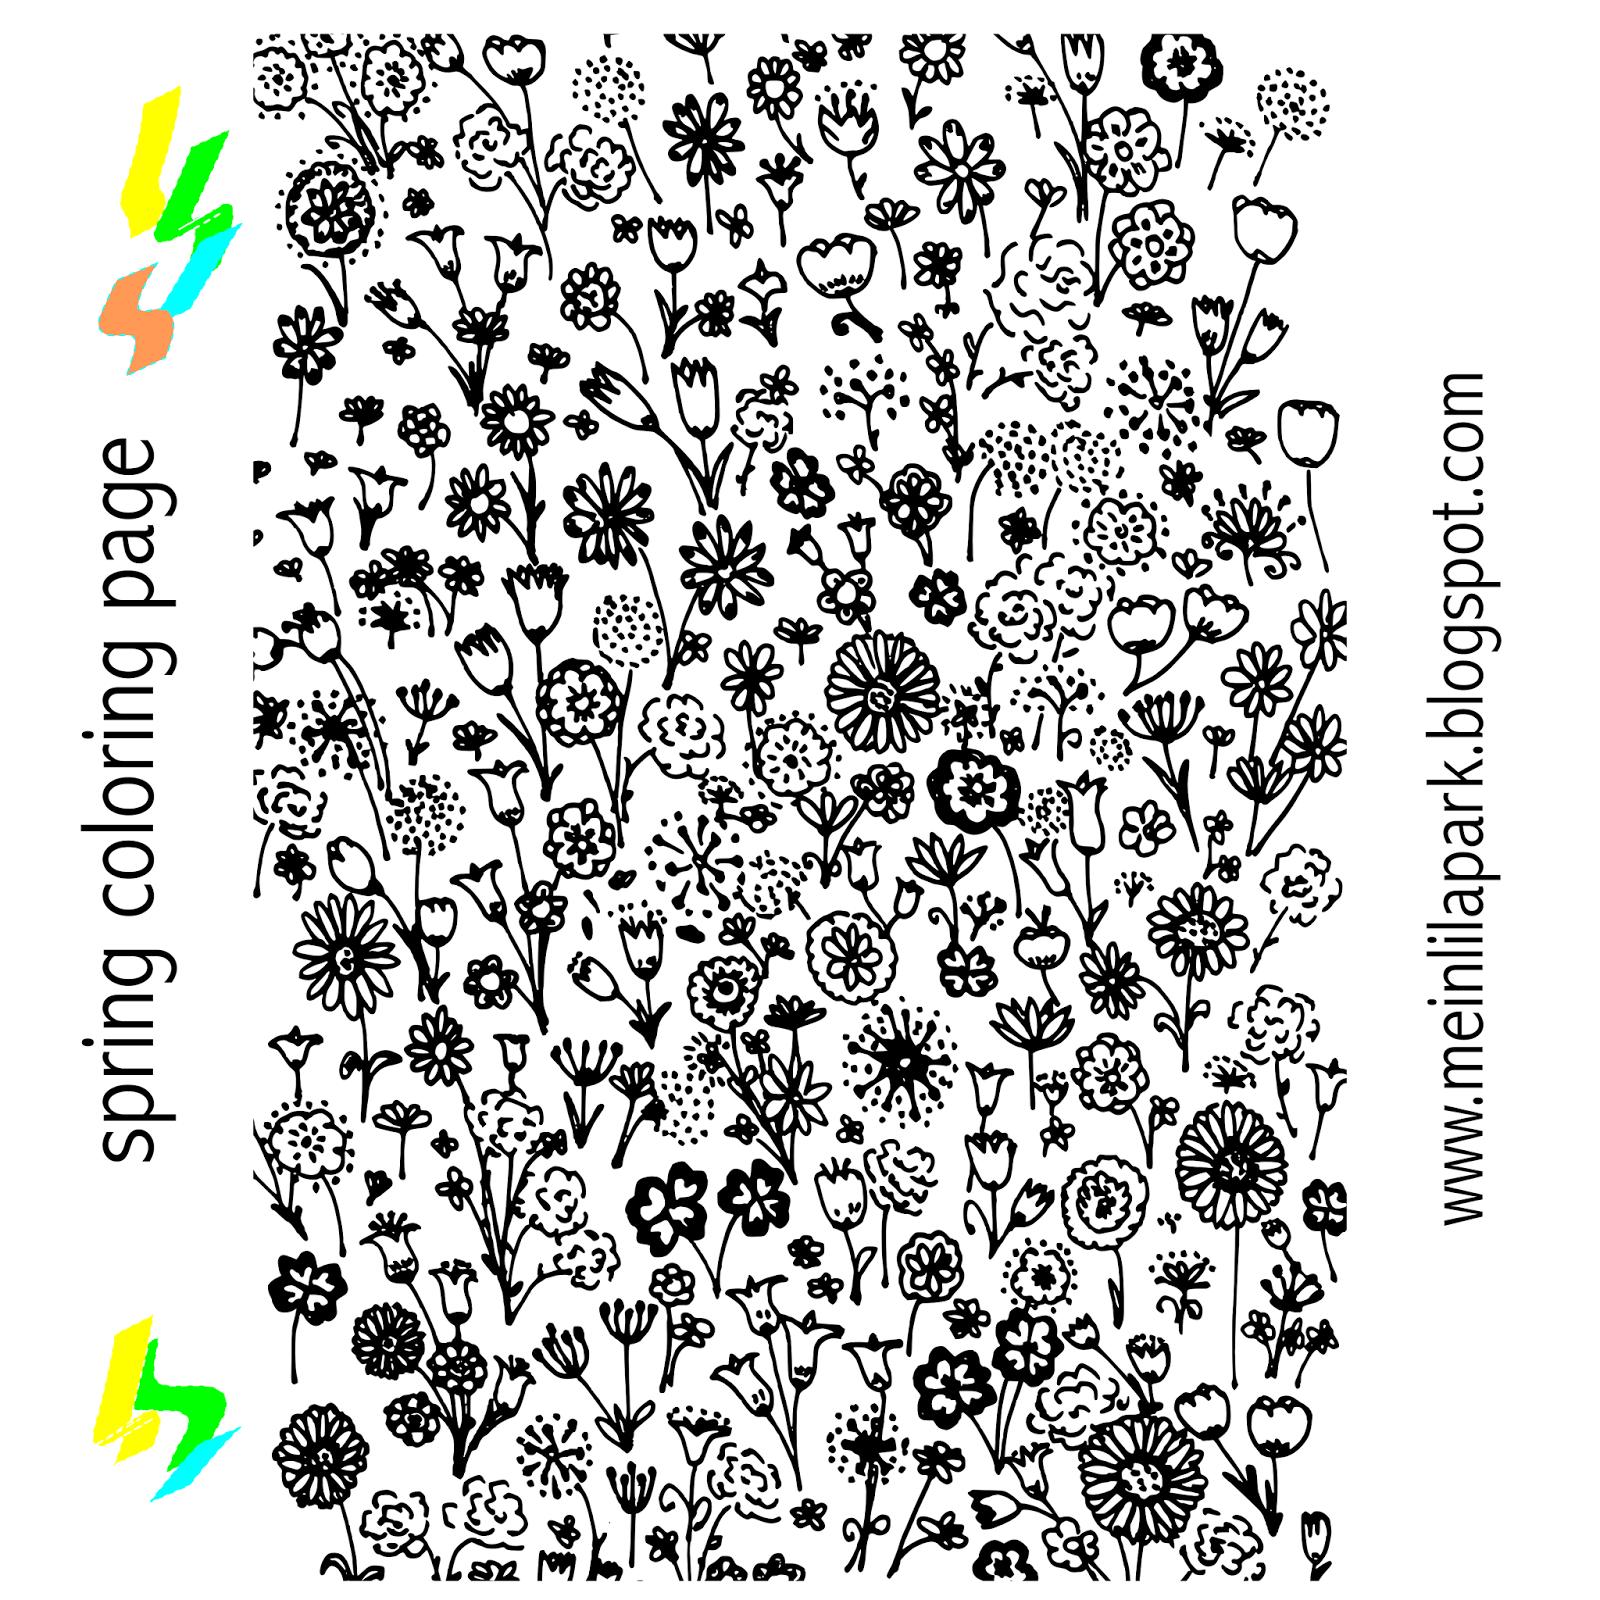 Free printable spring coloring page - ausdruckbare Ausmalseite ...